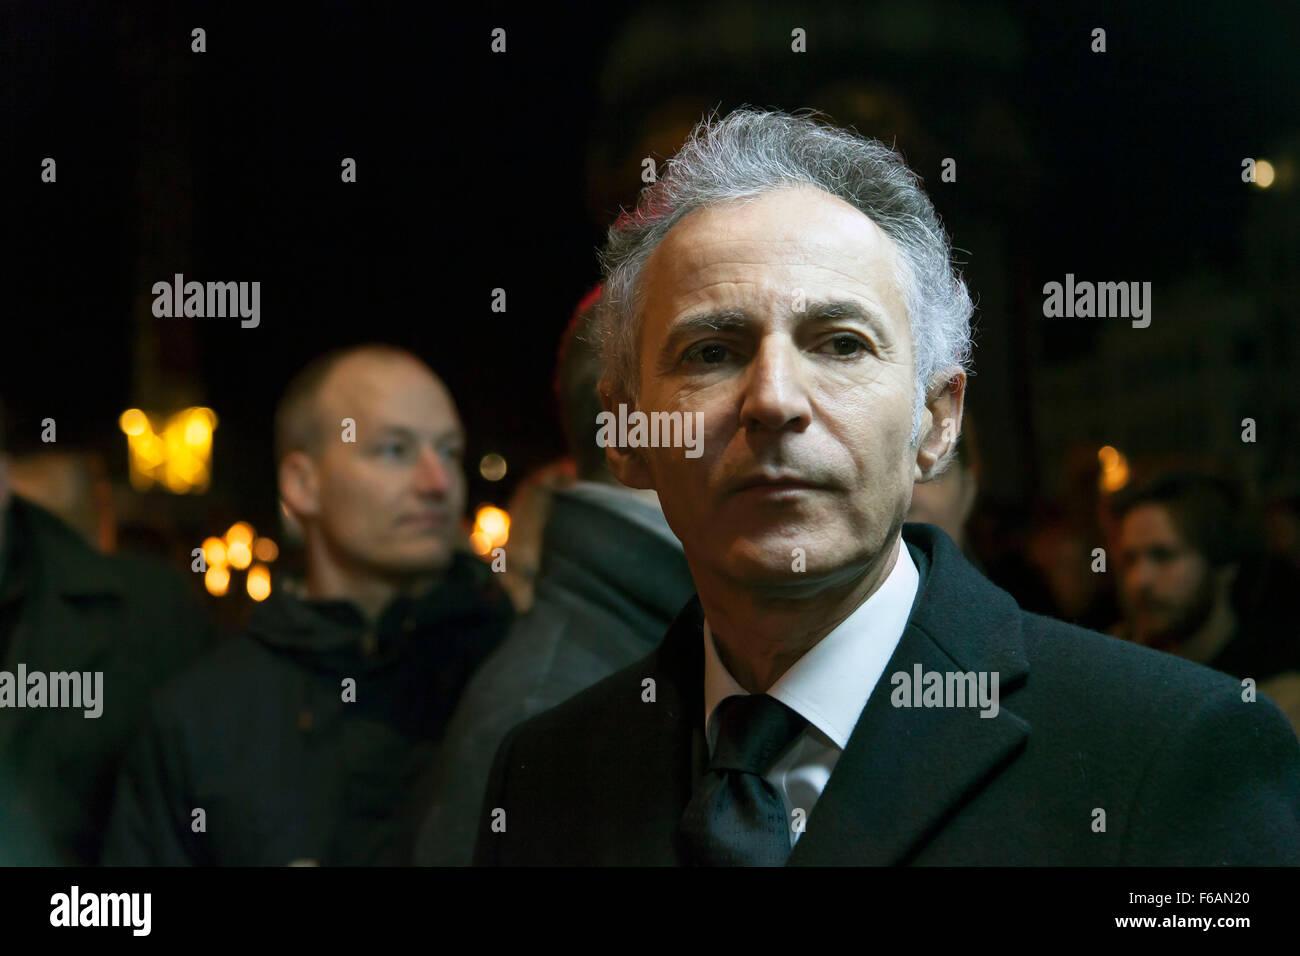 Copenhague, Danemark. 15 novembre, 2015. Ambassadeur de France au Danemark, François Zimeray, participe à Photo Stock